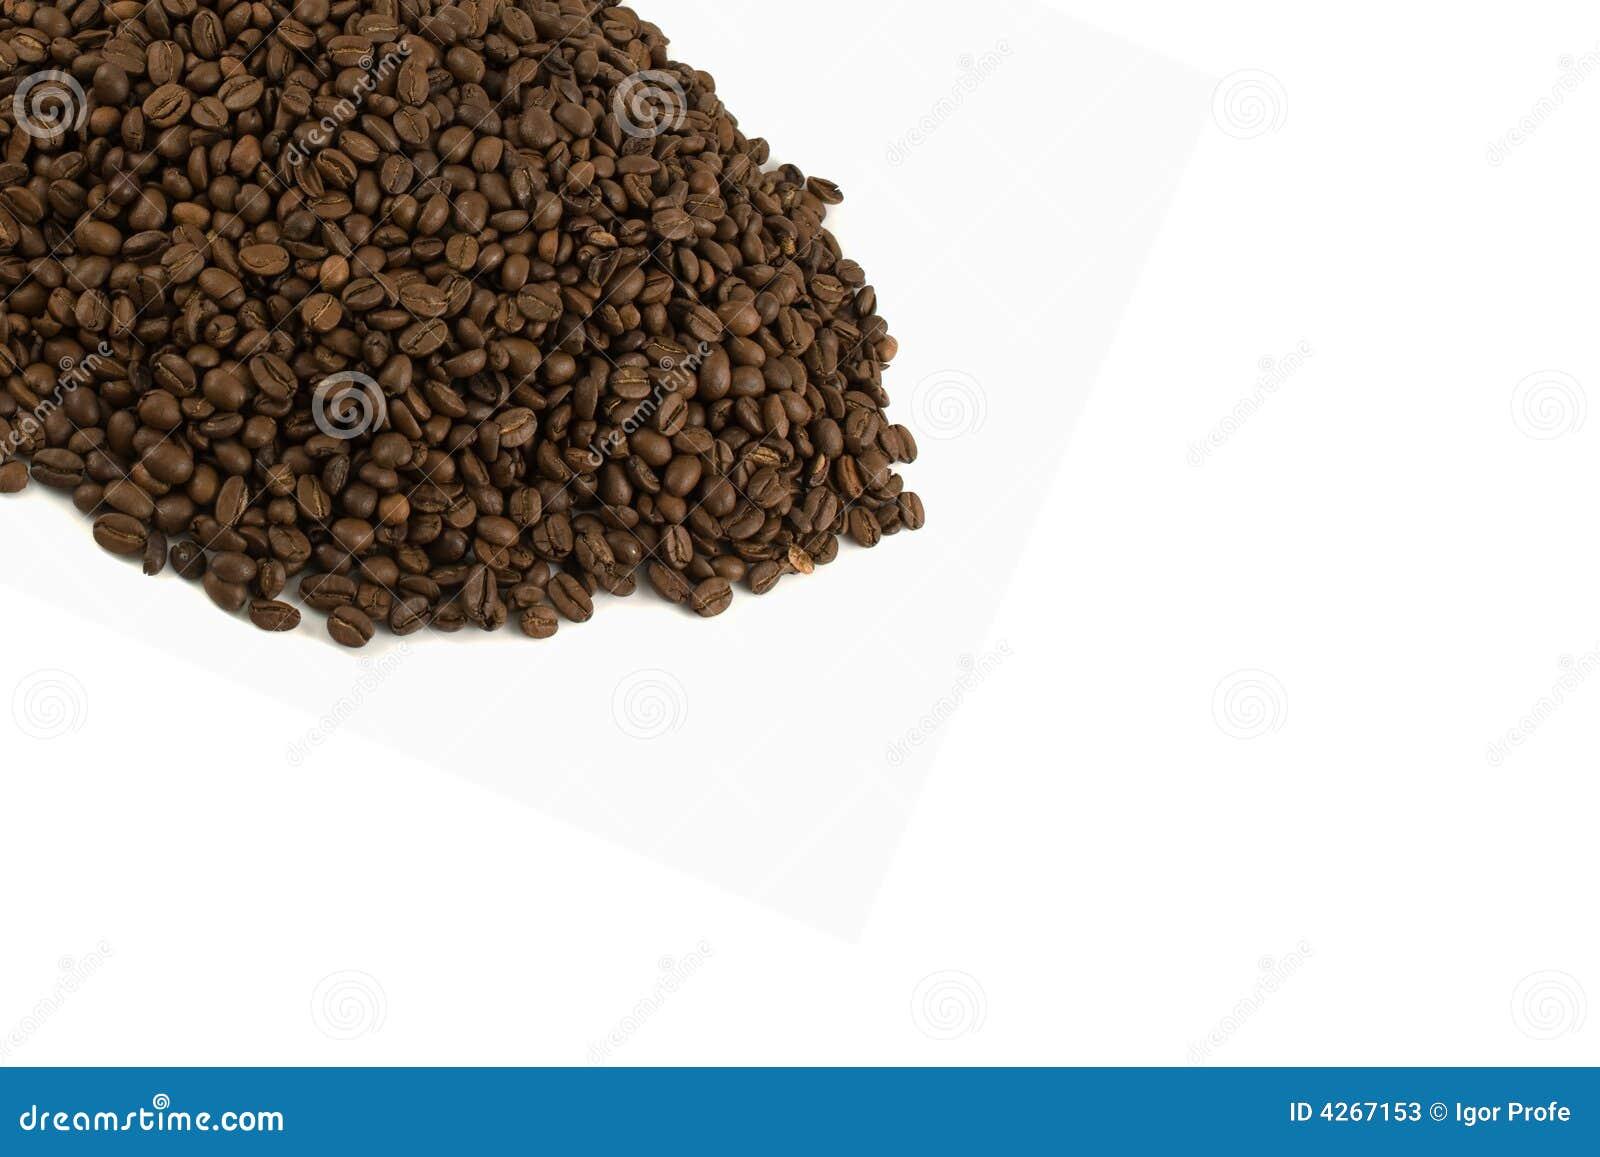 豆咖啡查出的模板